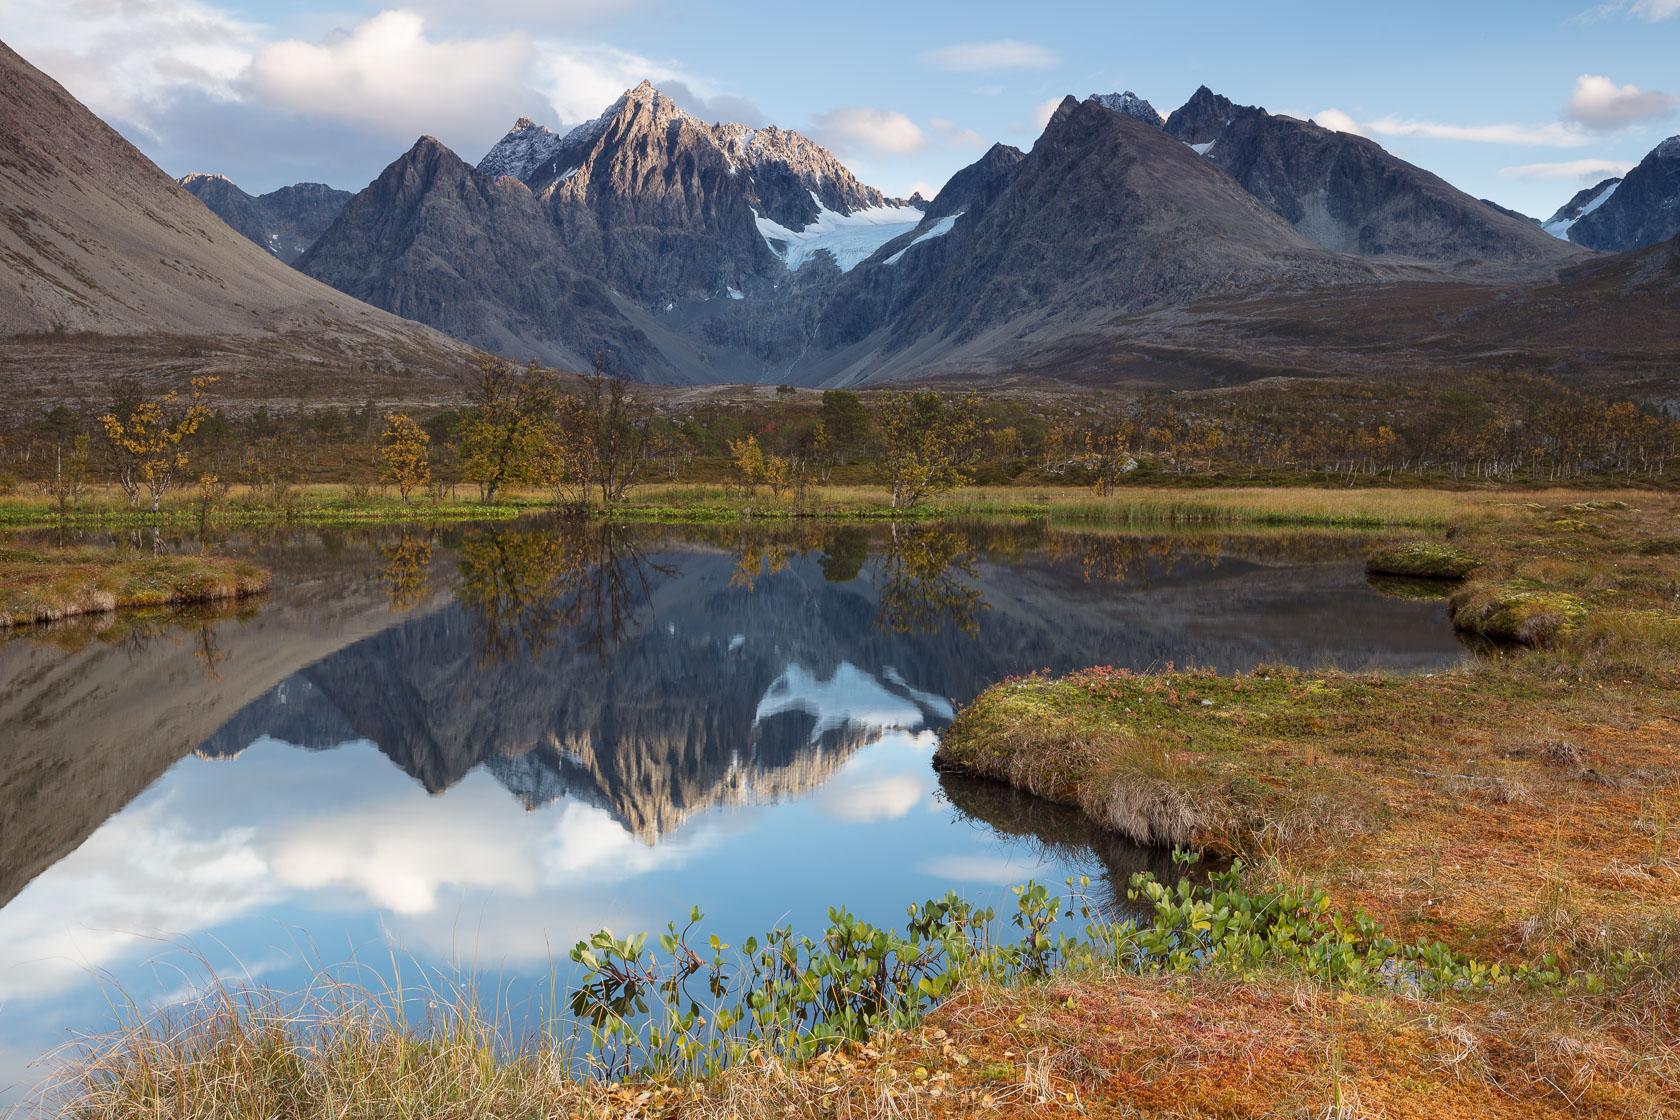 lac de tourbière au pied des Alpes de Lyngen, pendant un voyage photo en Norvège